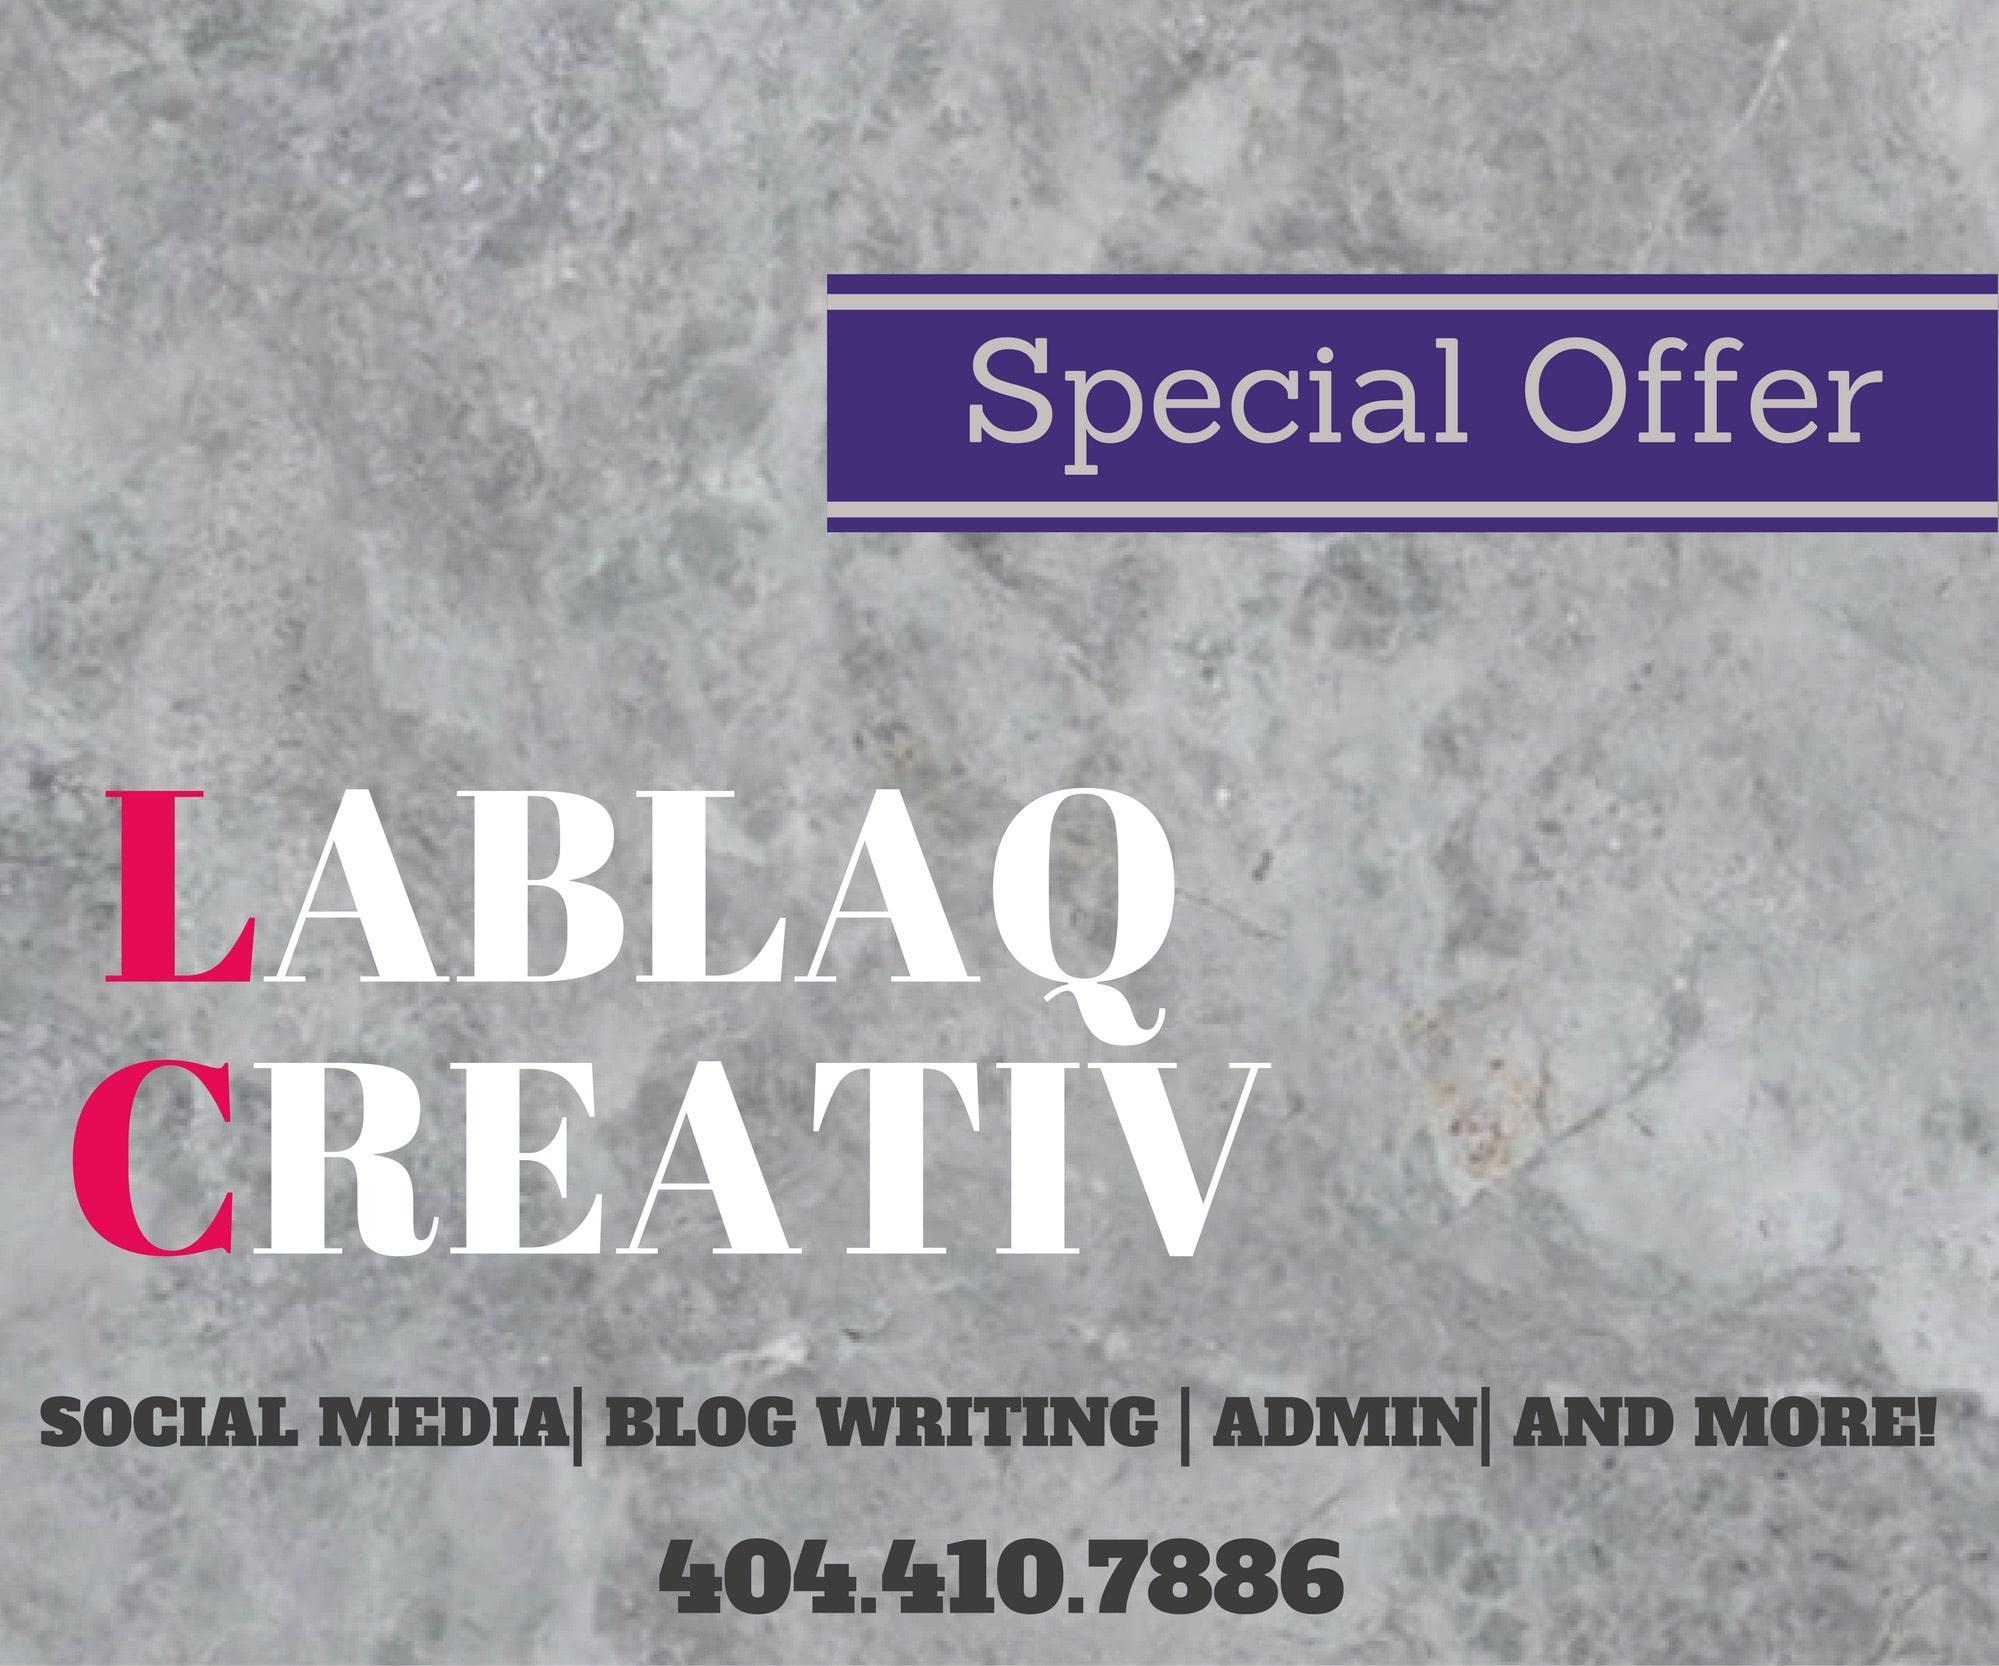 LaBlaq_Creativ